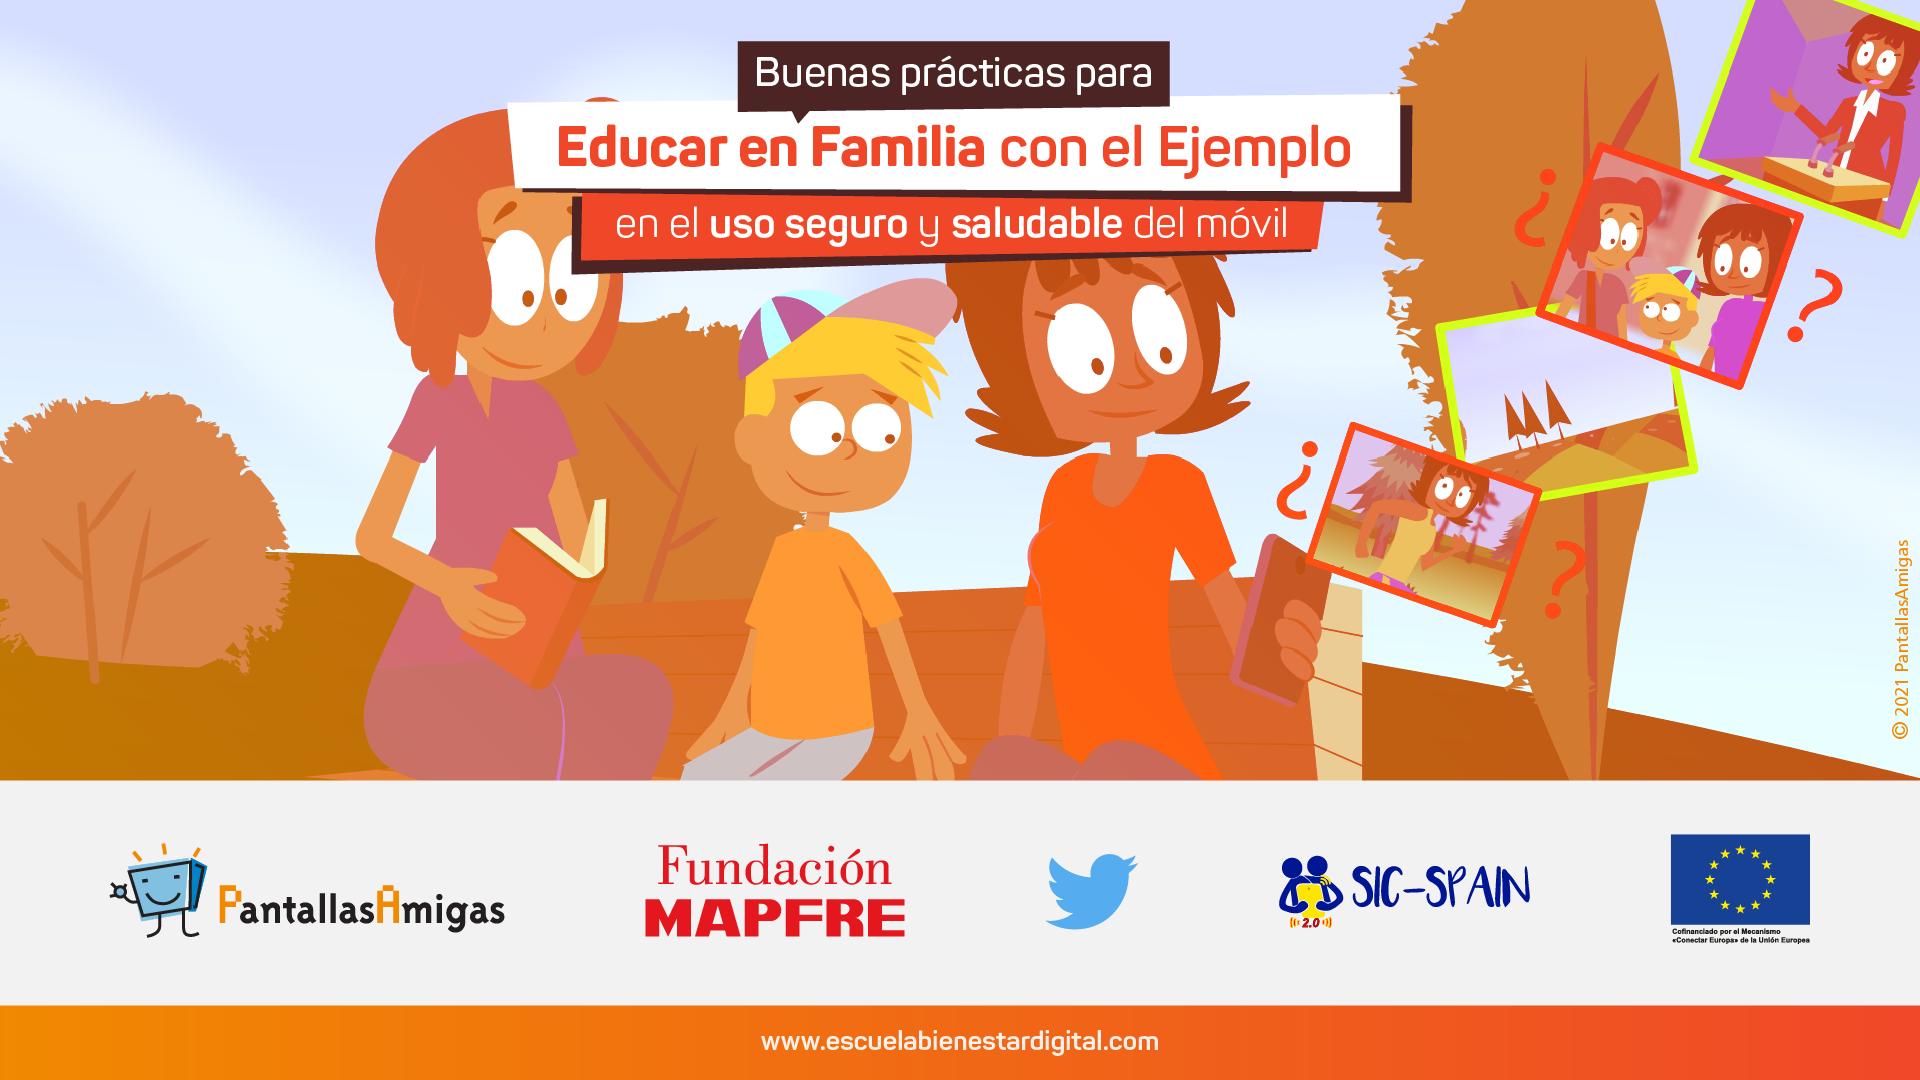 Decálogo de Buenas prácticas para Educar en Familia con el Ejemplo en el uso seguro y saludable del móvil